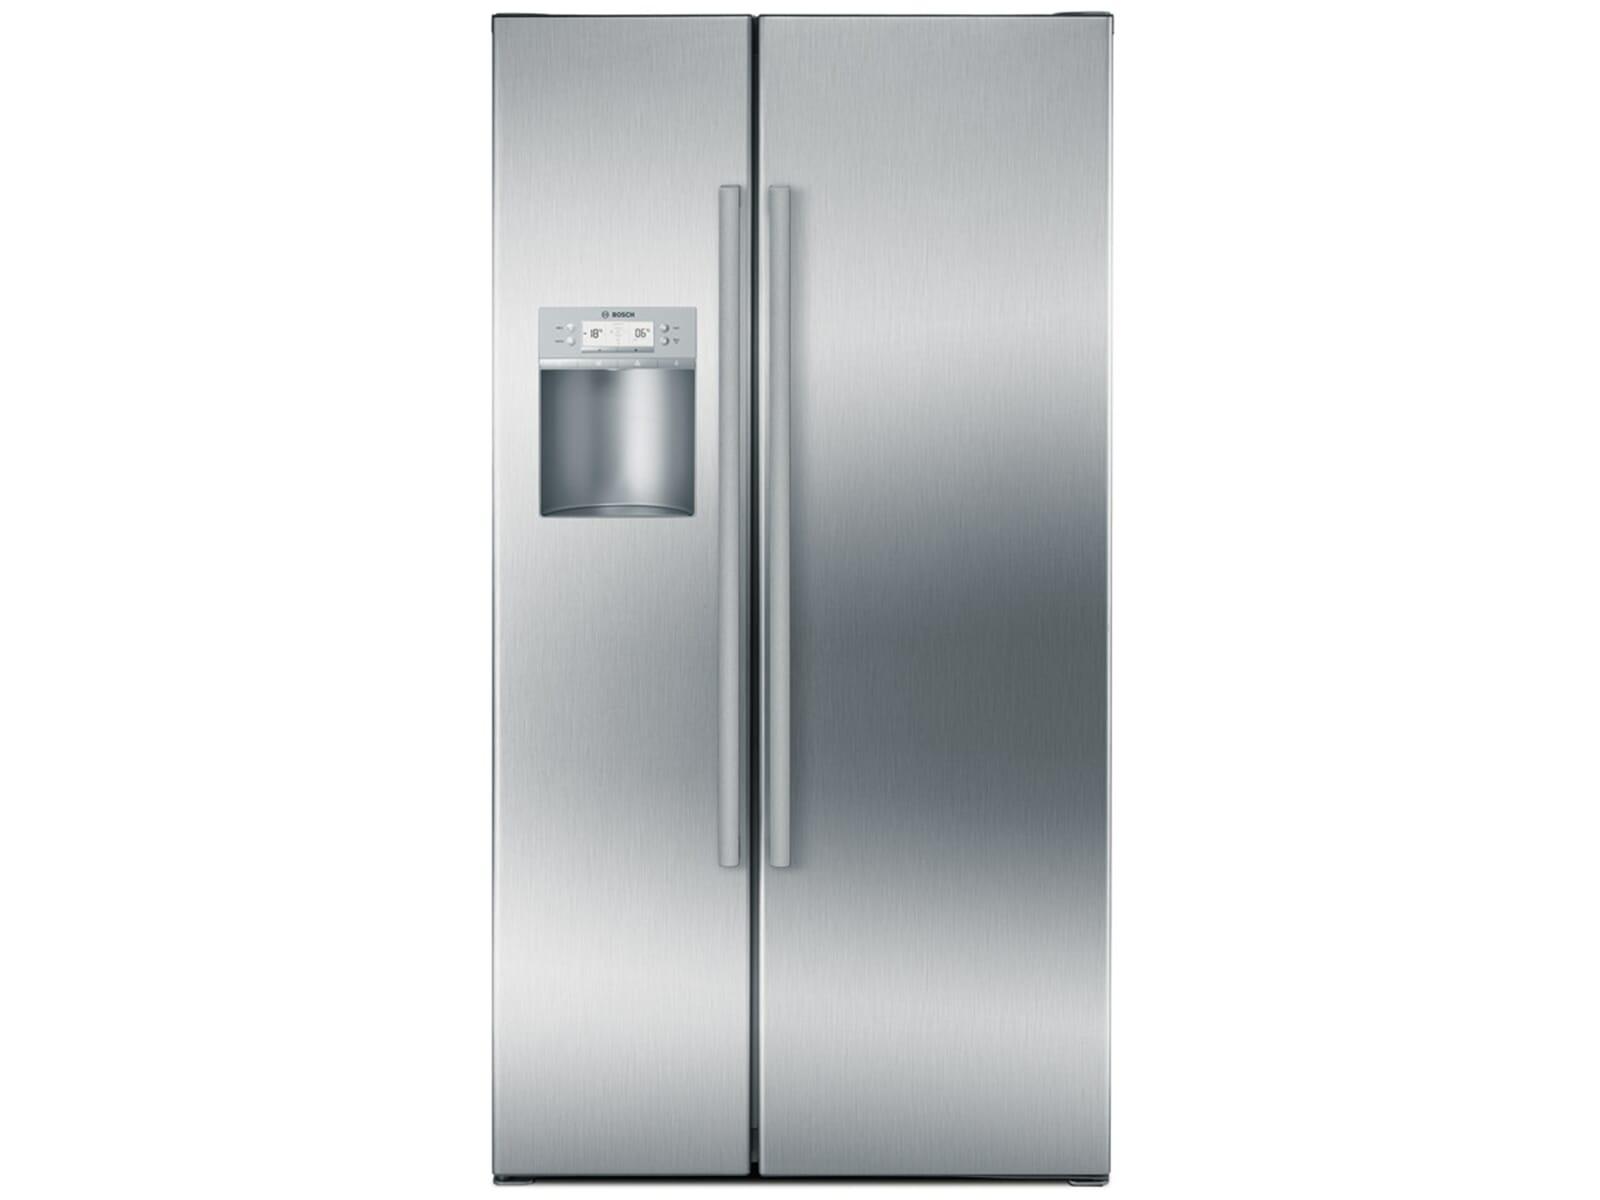 Bosch Kühlschrank Reinigen : Edelstahl kühlschrank reinigen lüftungsgitter err edelstahl